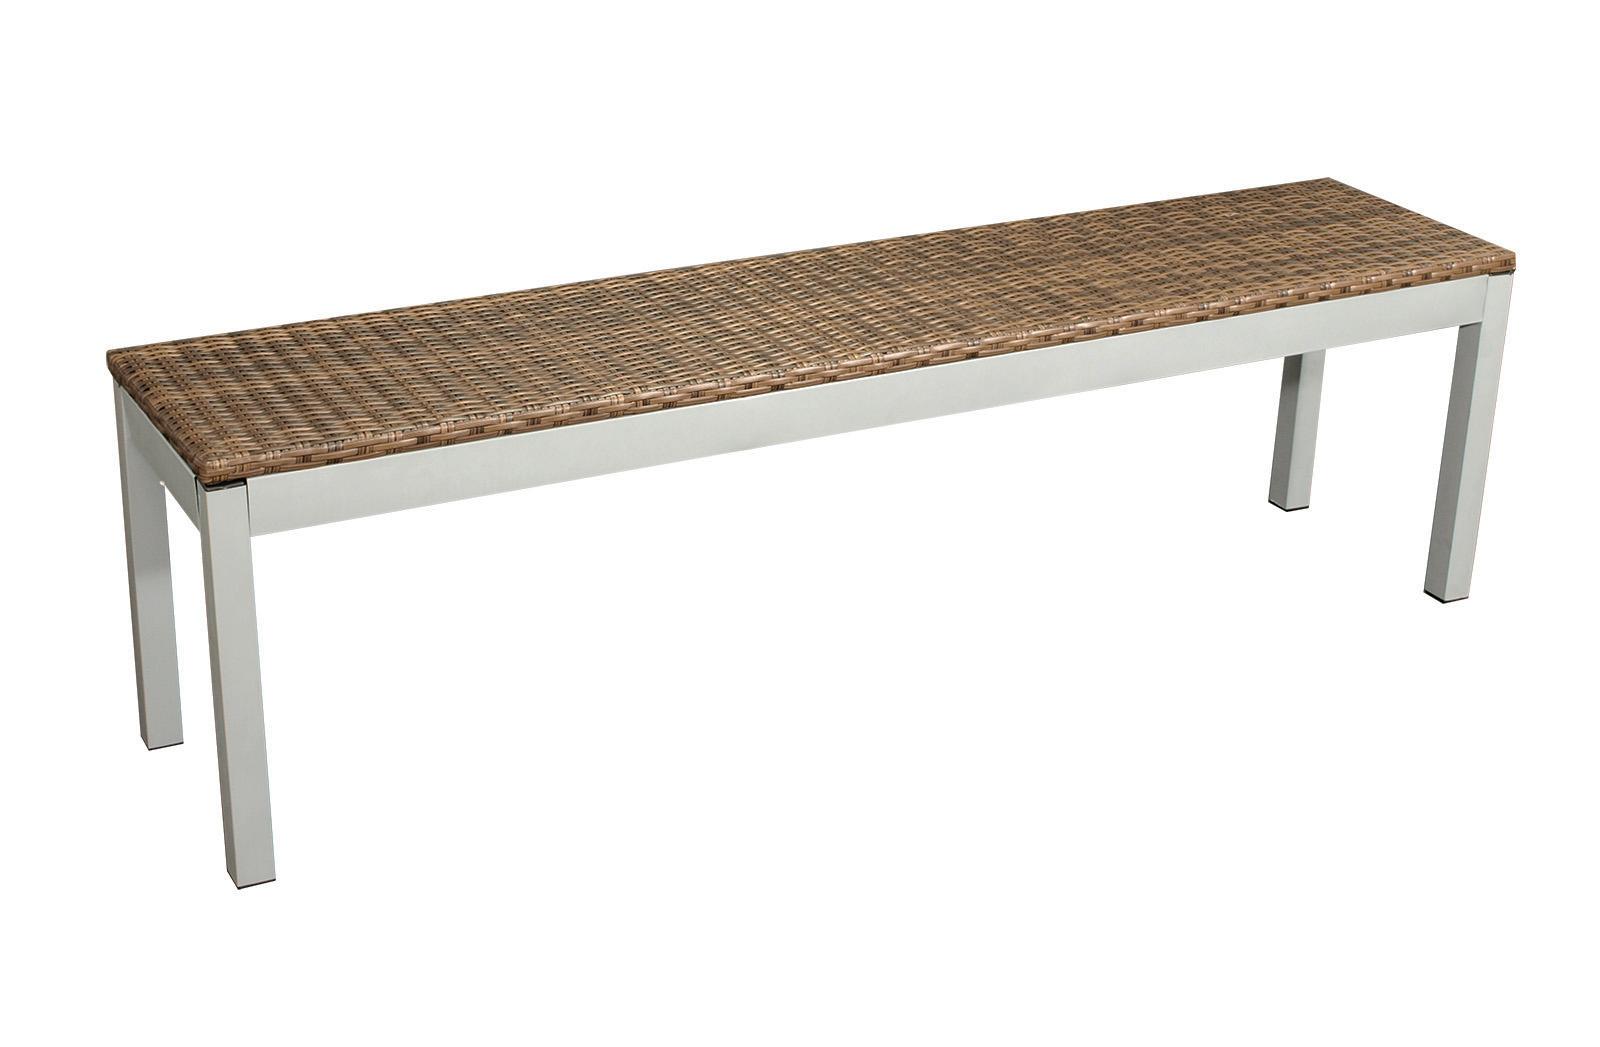 hockerbank bank fiorenzo 3 sitzer 160cm metall silber geflecht braun 2 wahl ebay. Black Bedroom Furniture Sets. Home Design Ideas